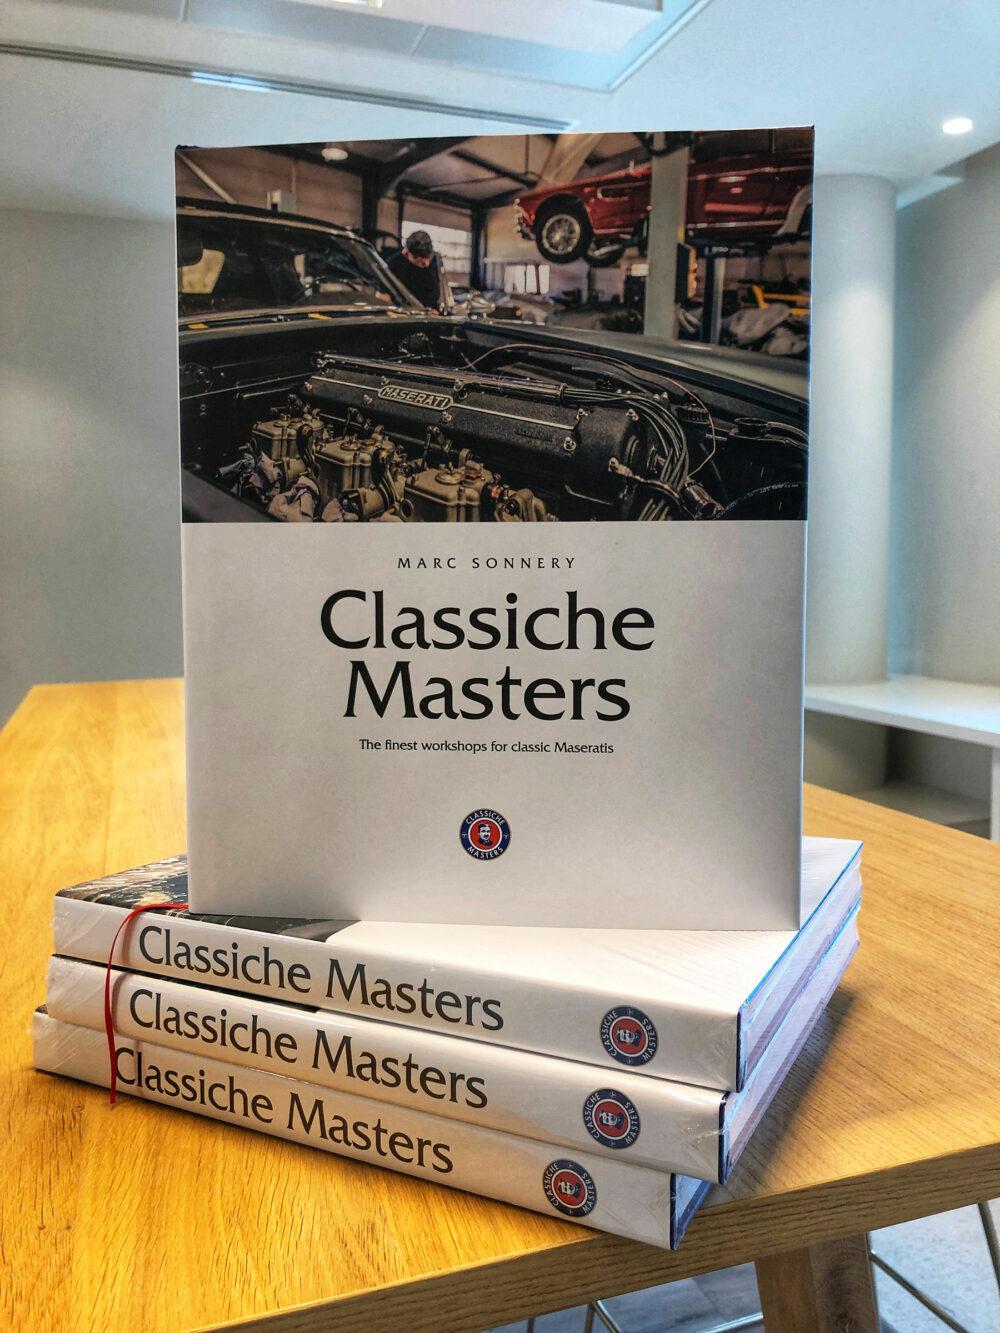 Book classiche masters cover